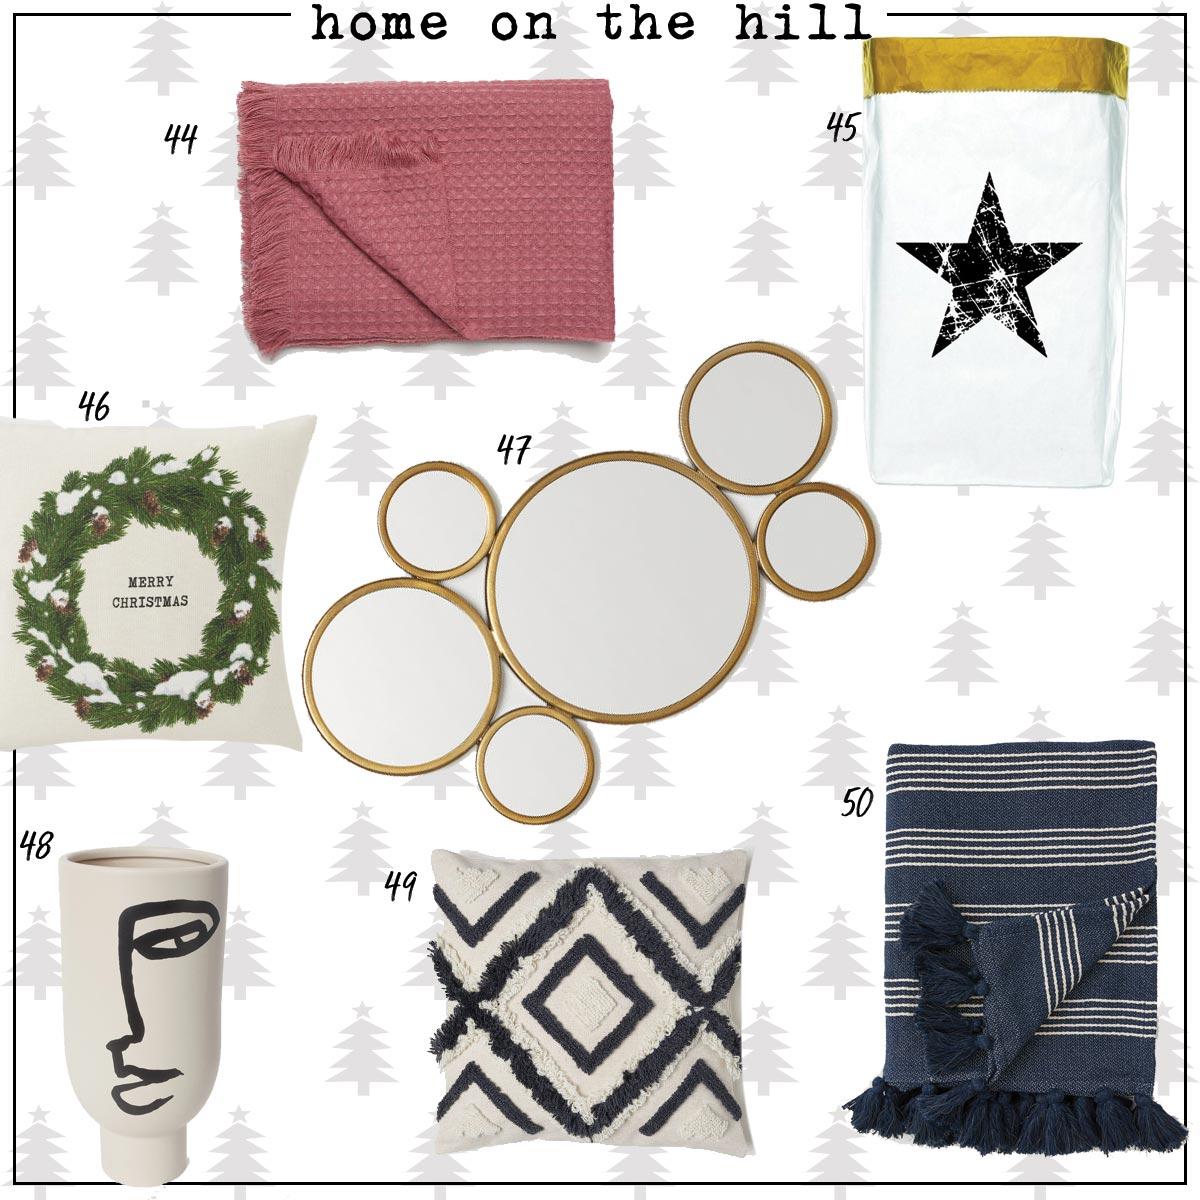 50 pomysłów na prezent do domu - świąteczny prezentownik.